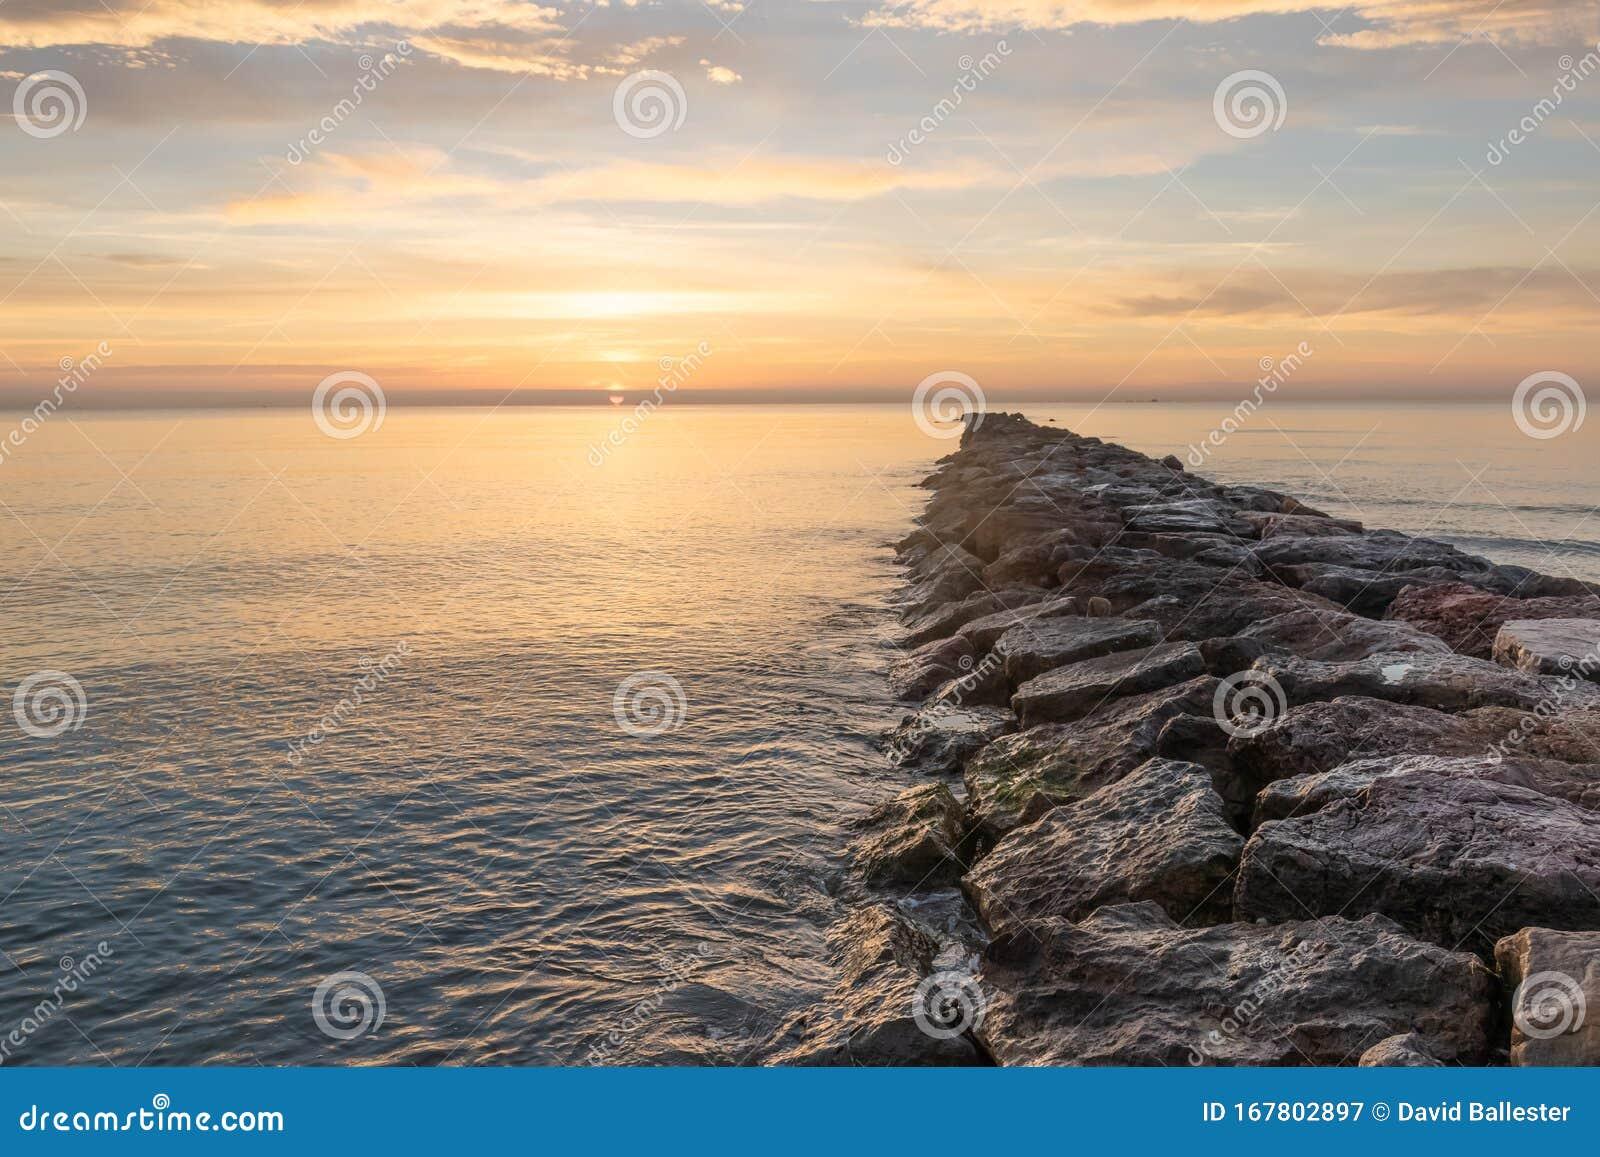 Amanecer En El Mar Stock Image Image Of Desde Abjo 167802897